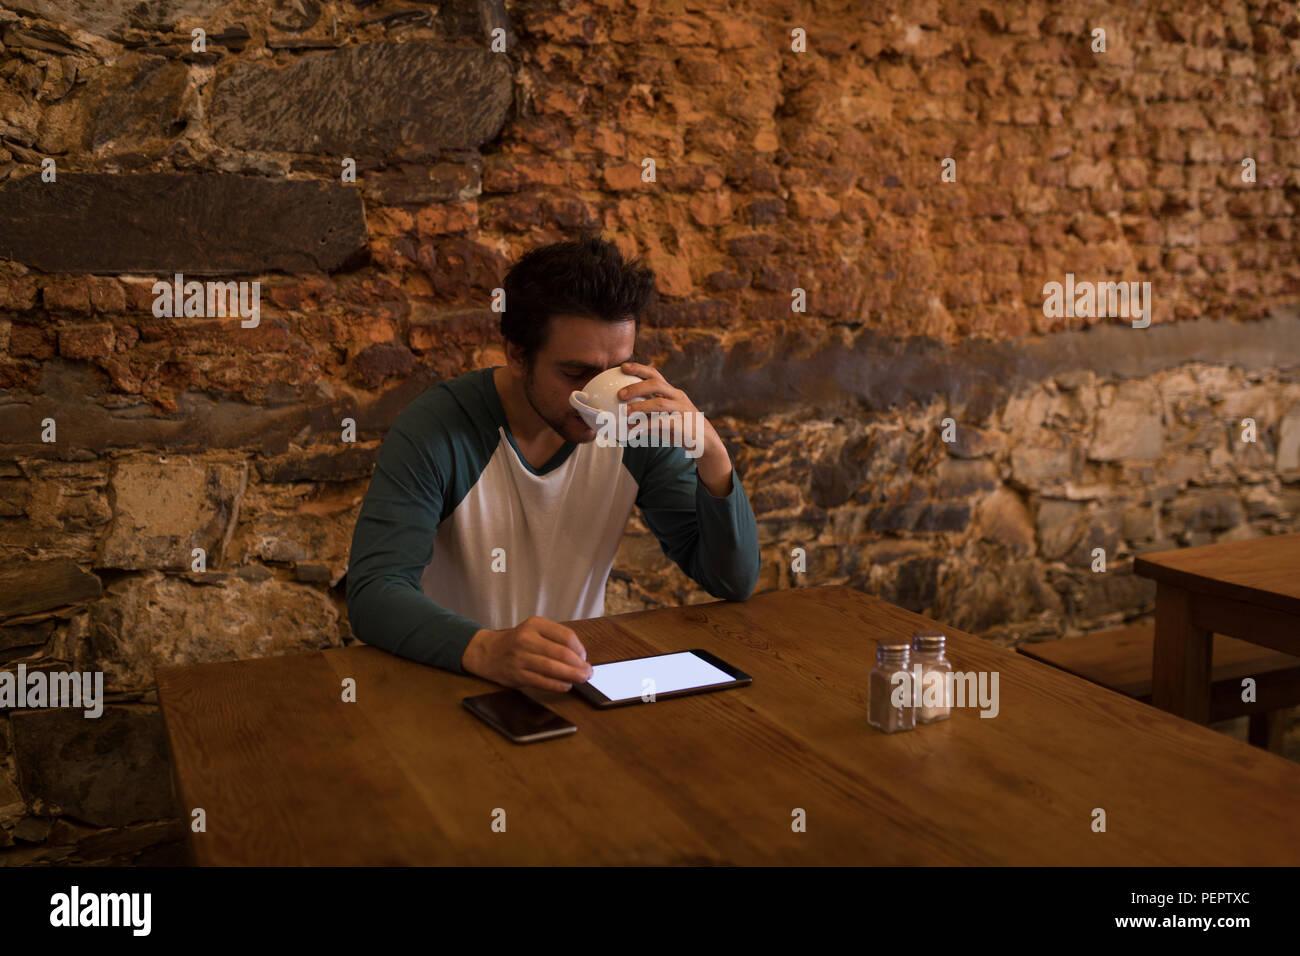 Empresario con café mientras utiliza una ficha digital Imagen De Stock